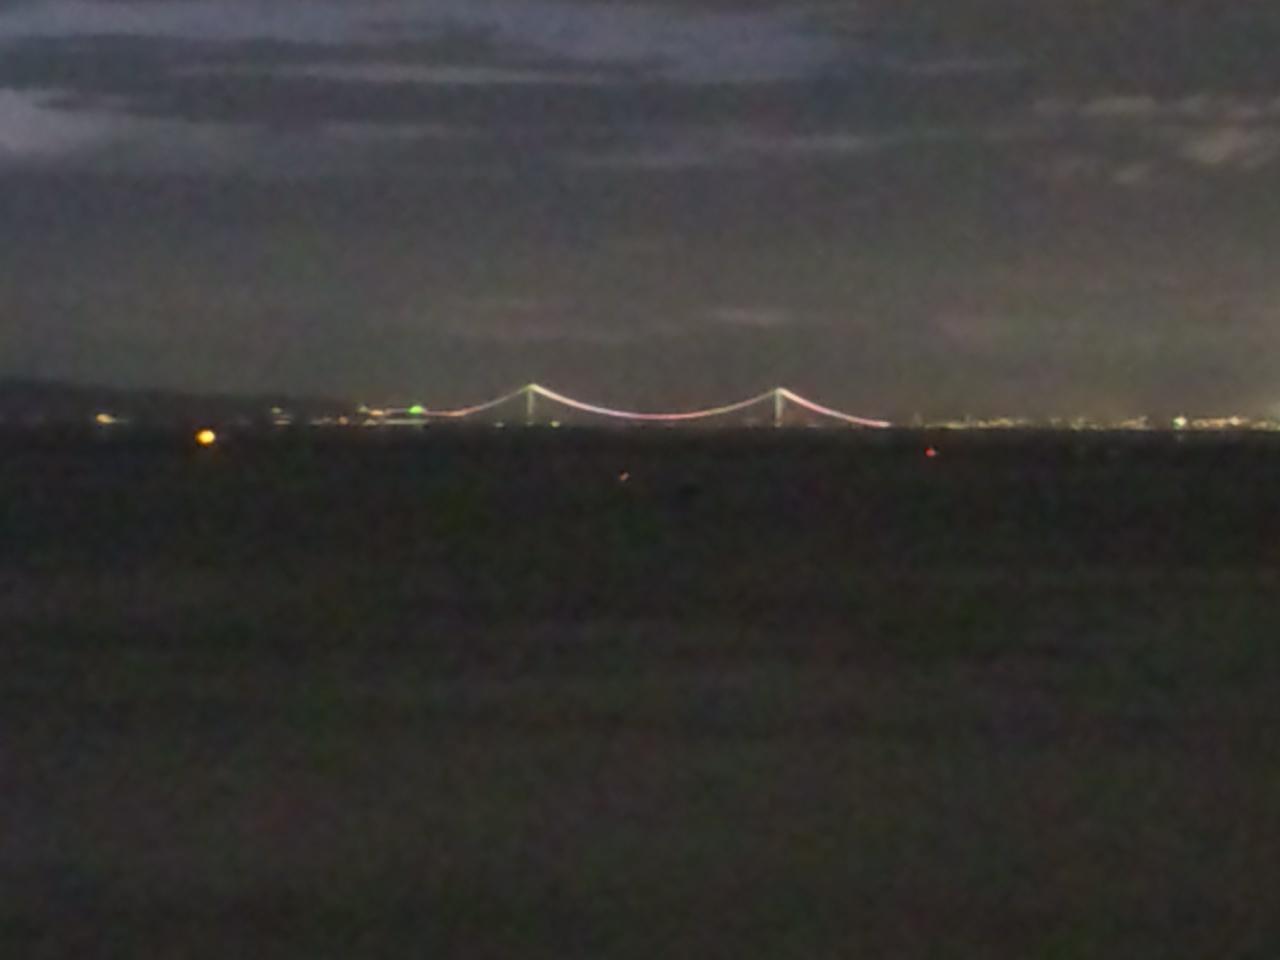 あれほど降ったので、空気が澄んで、冬のように明石大橋が見えている